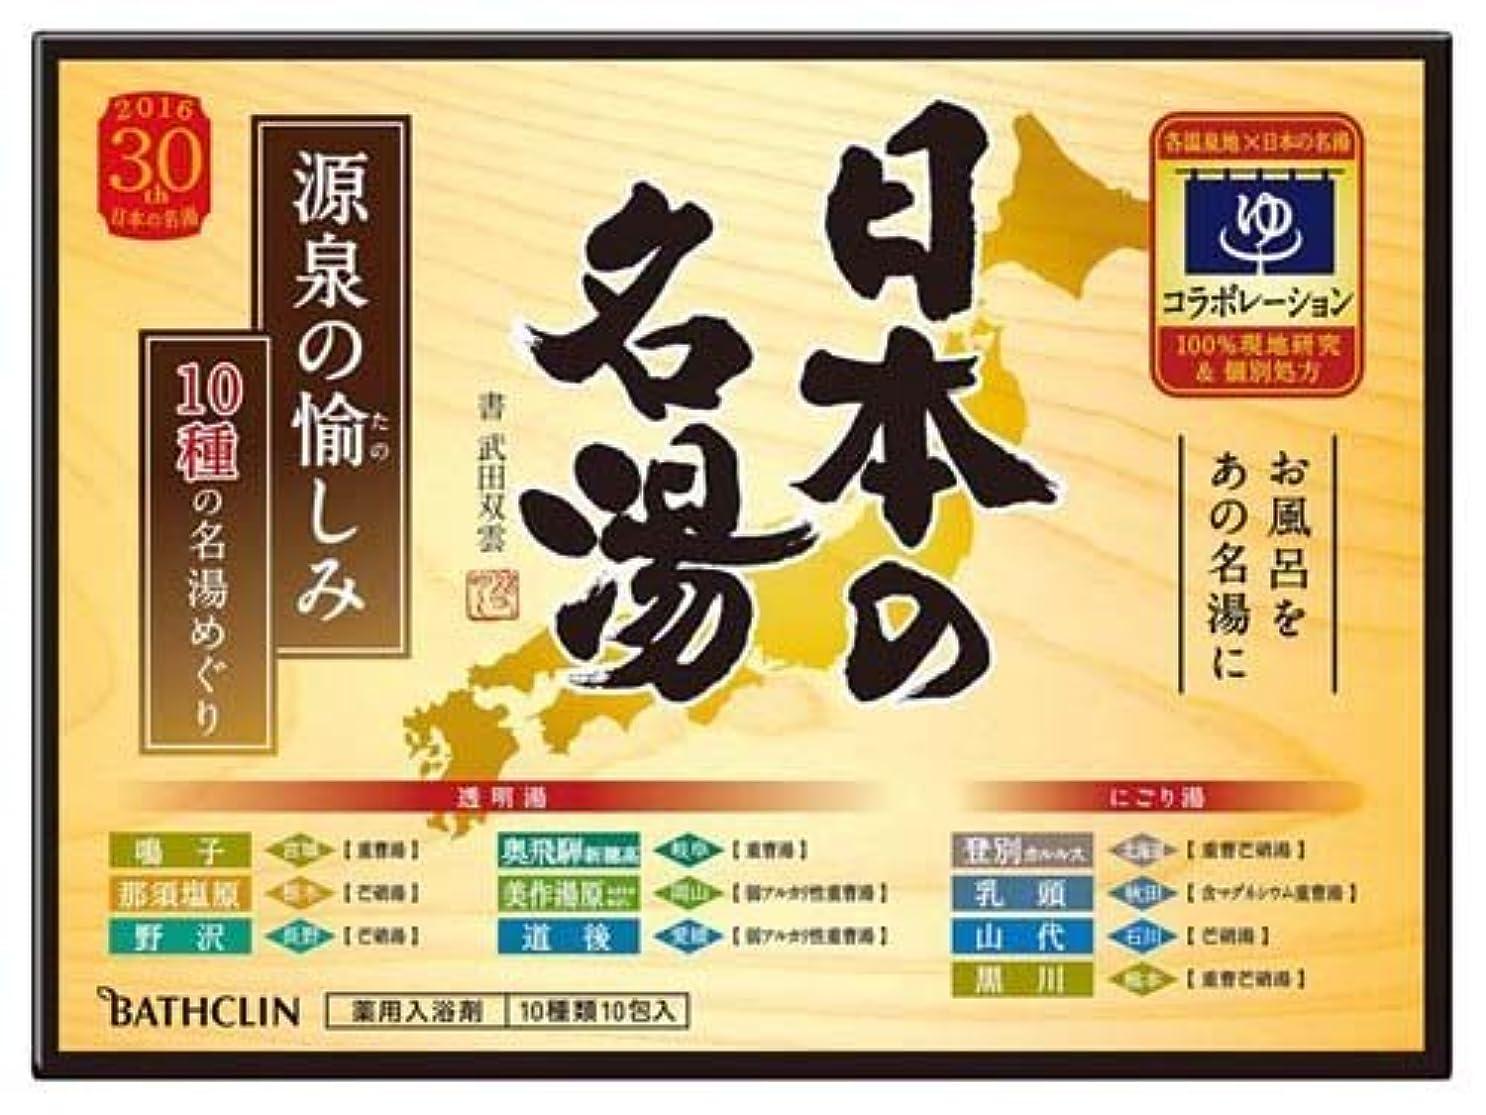 テスト散る解明日本の名湯 源泉の愉しみ 30g 10包入り 入浴剤 (医薬部外品) × 3個セット